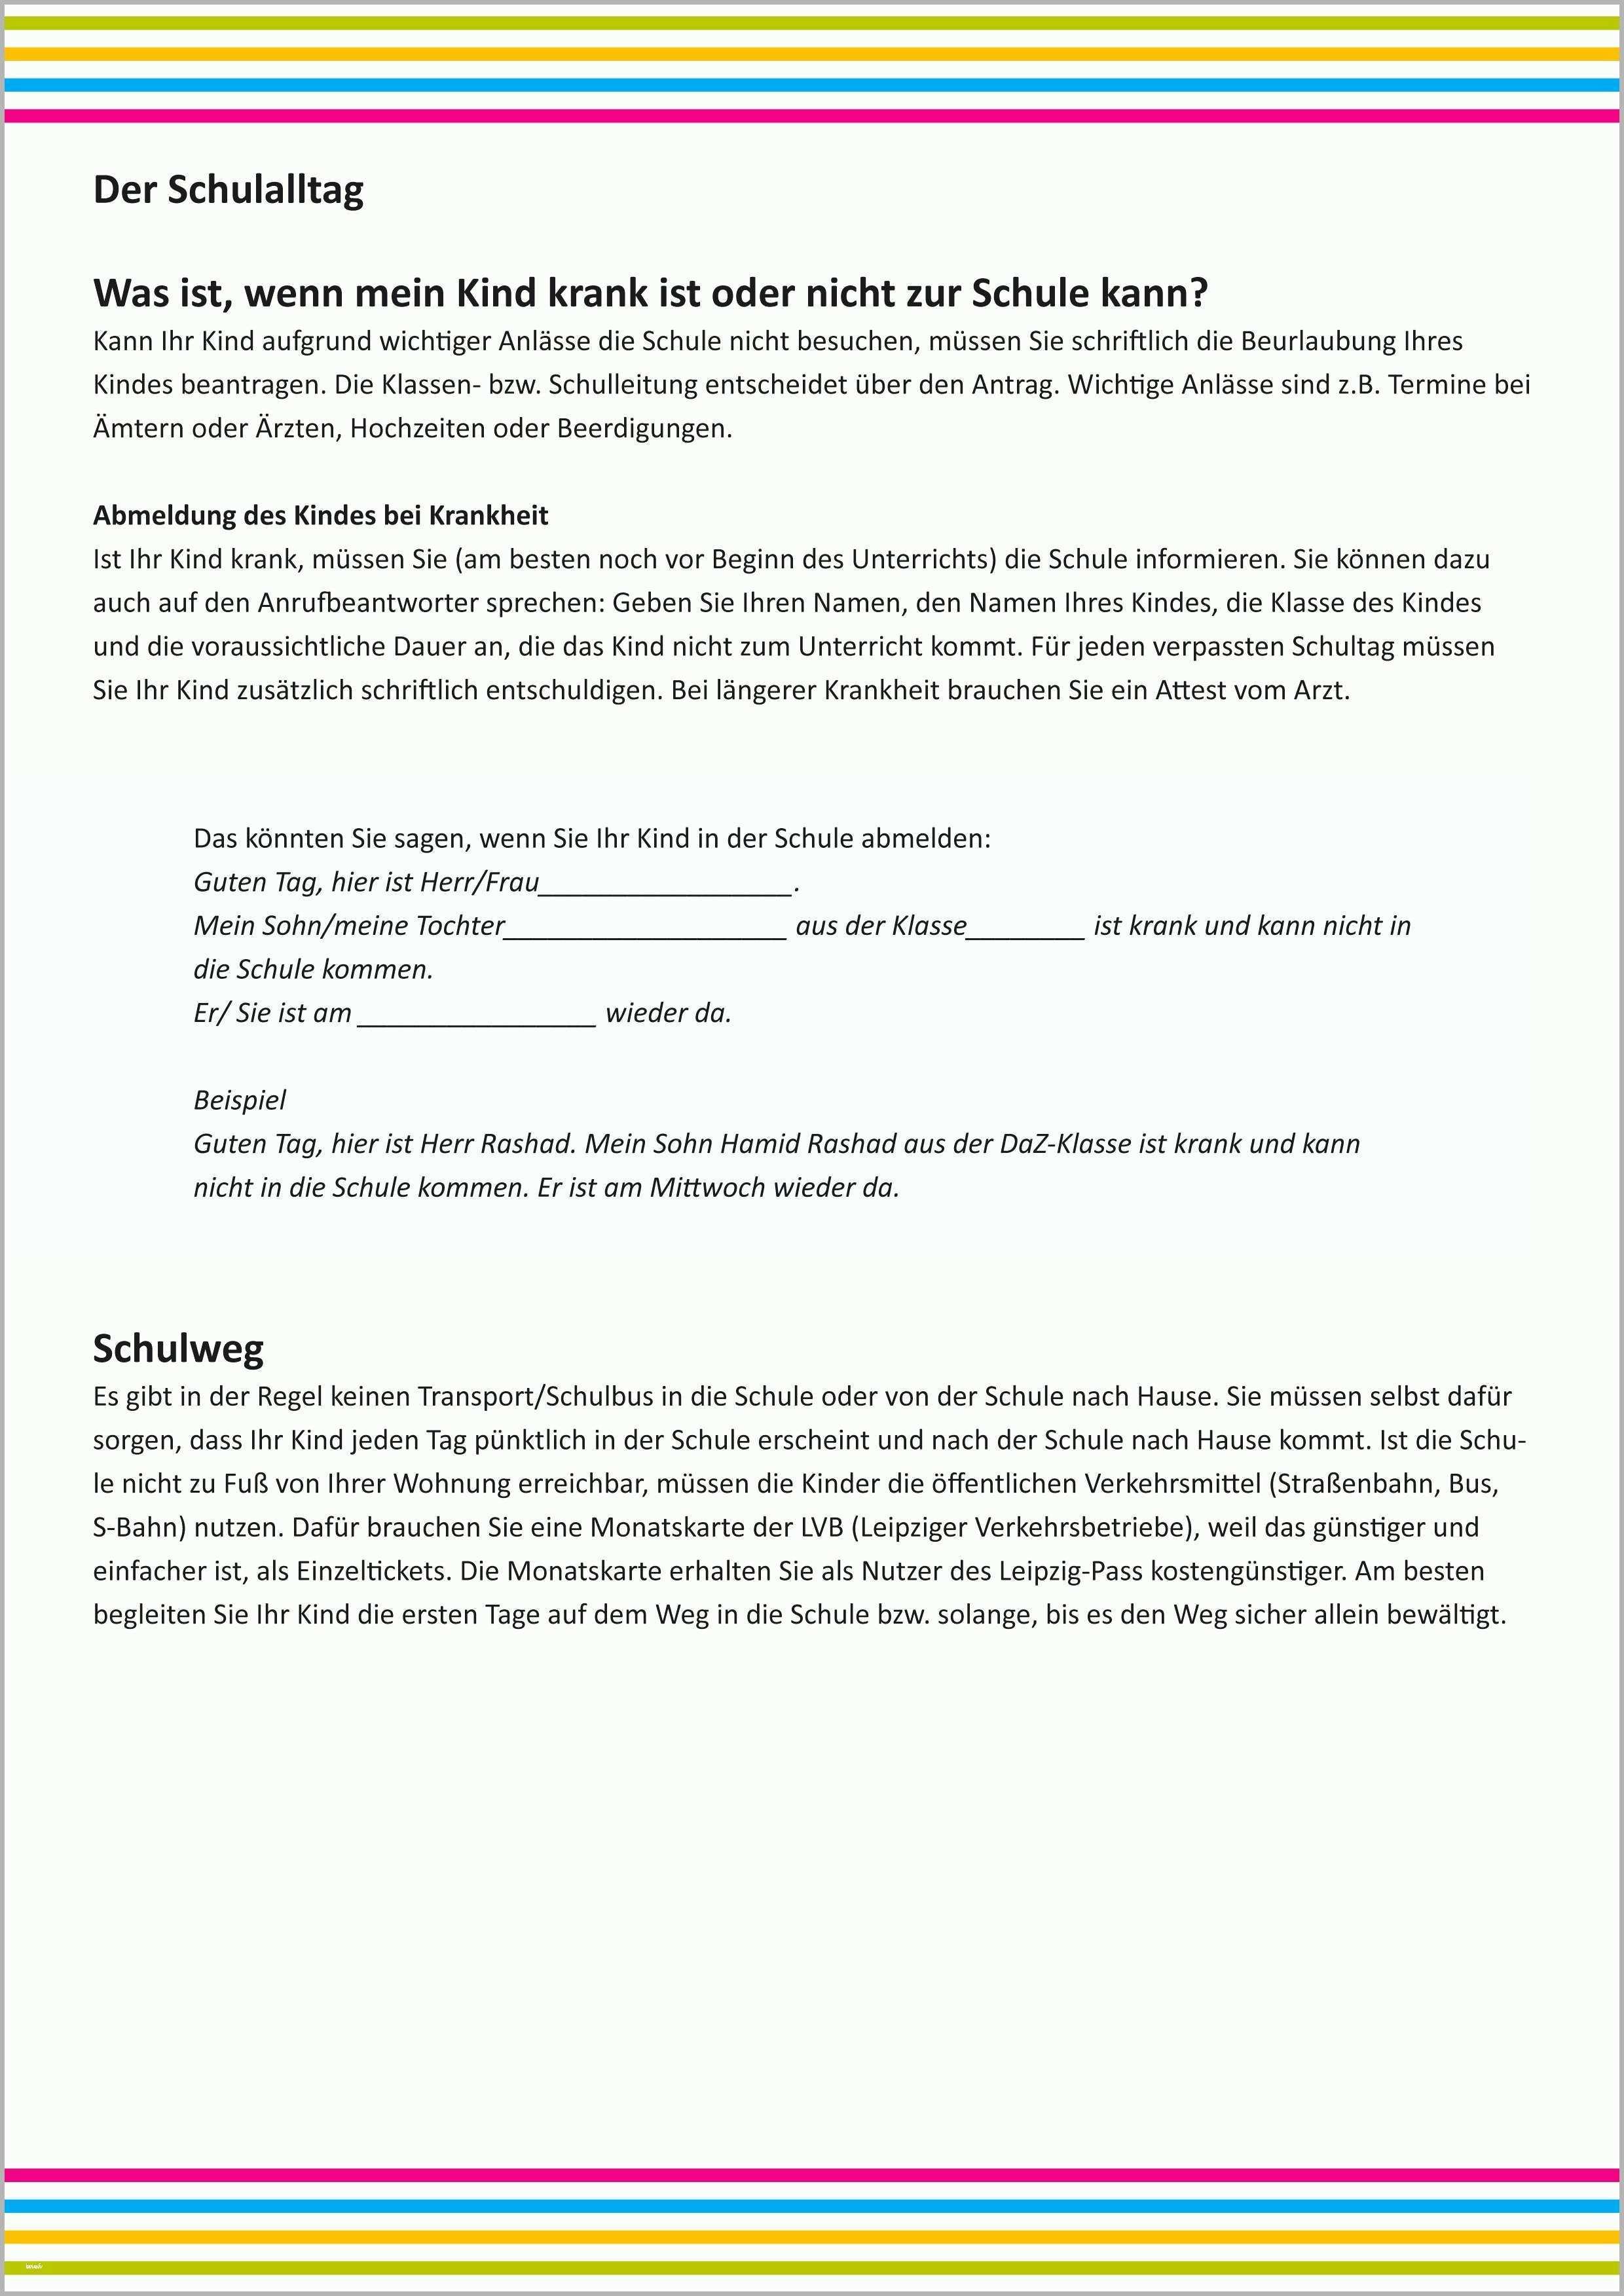 Perfekt 14 Beurlaubung Schule Beerdigung Muster